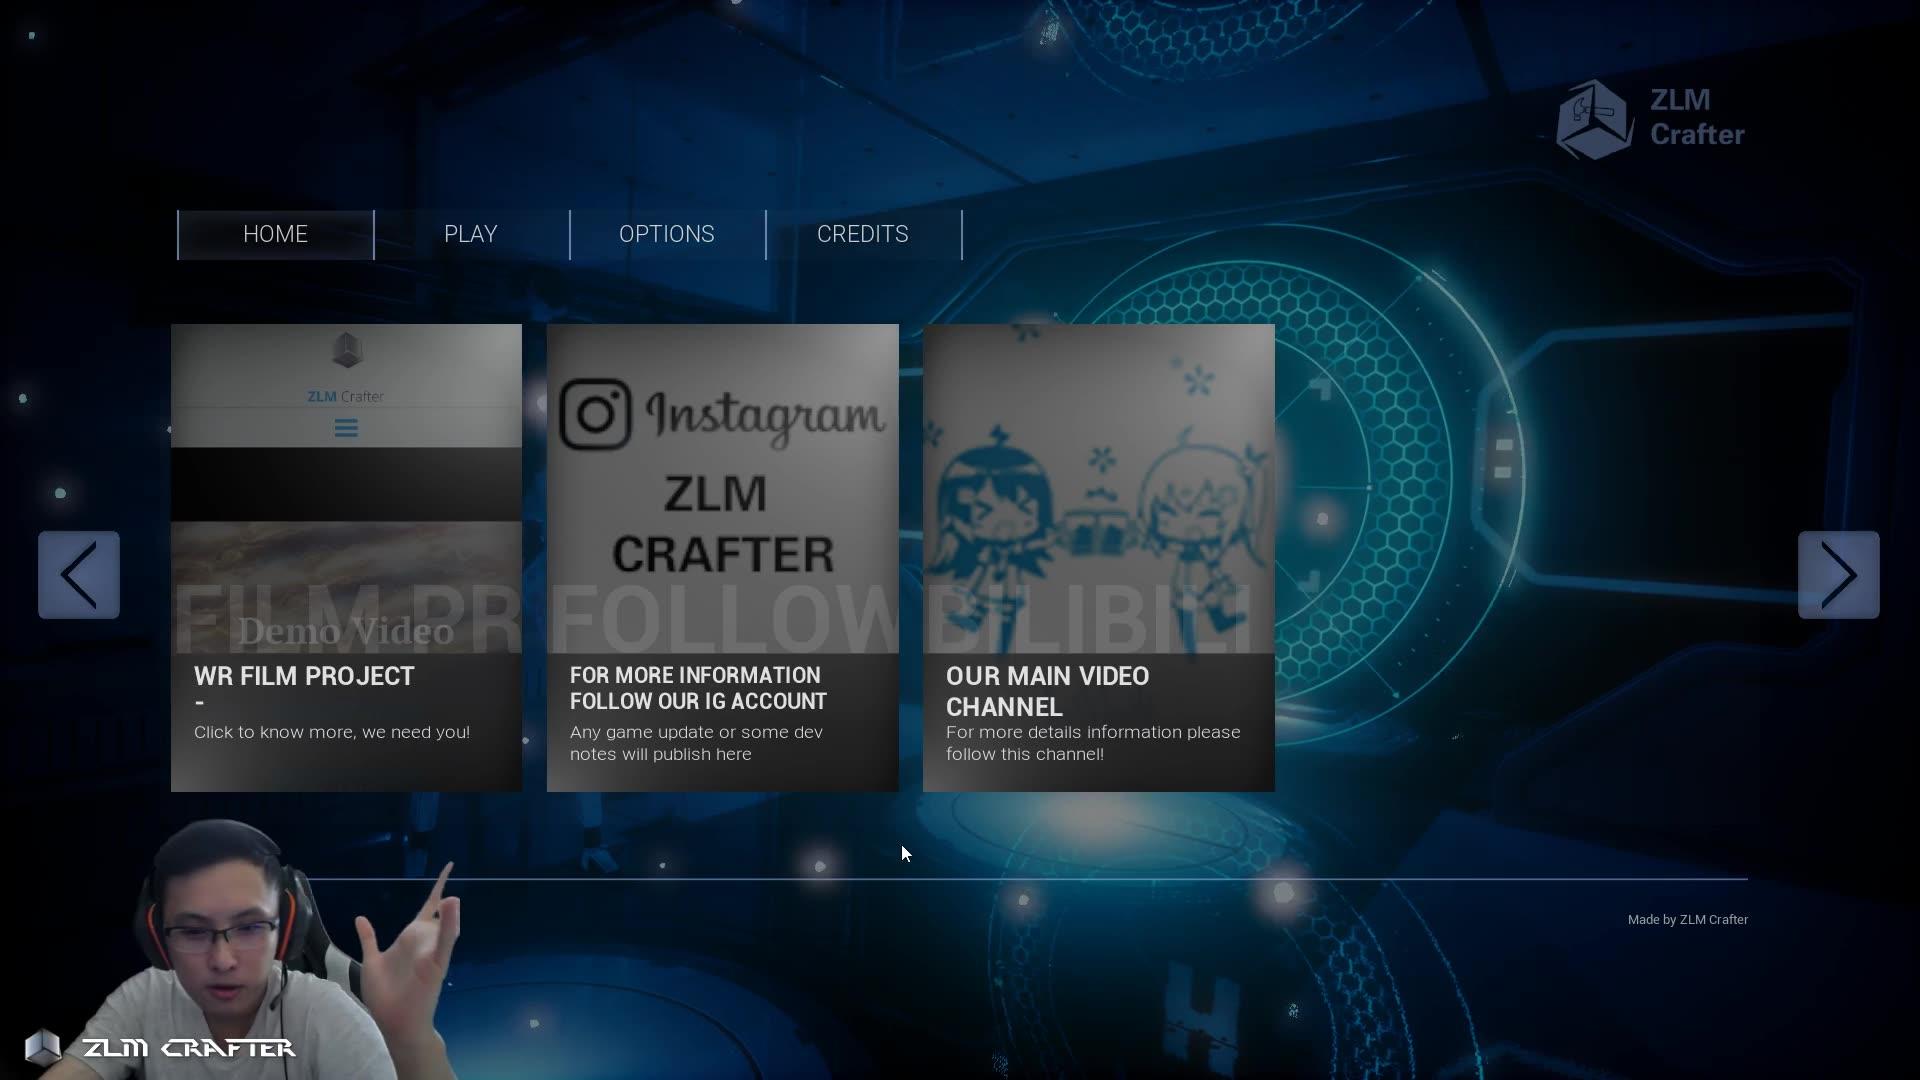 【ZLM Crafter】详细的游玩介绍以及建筑展示